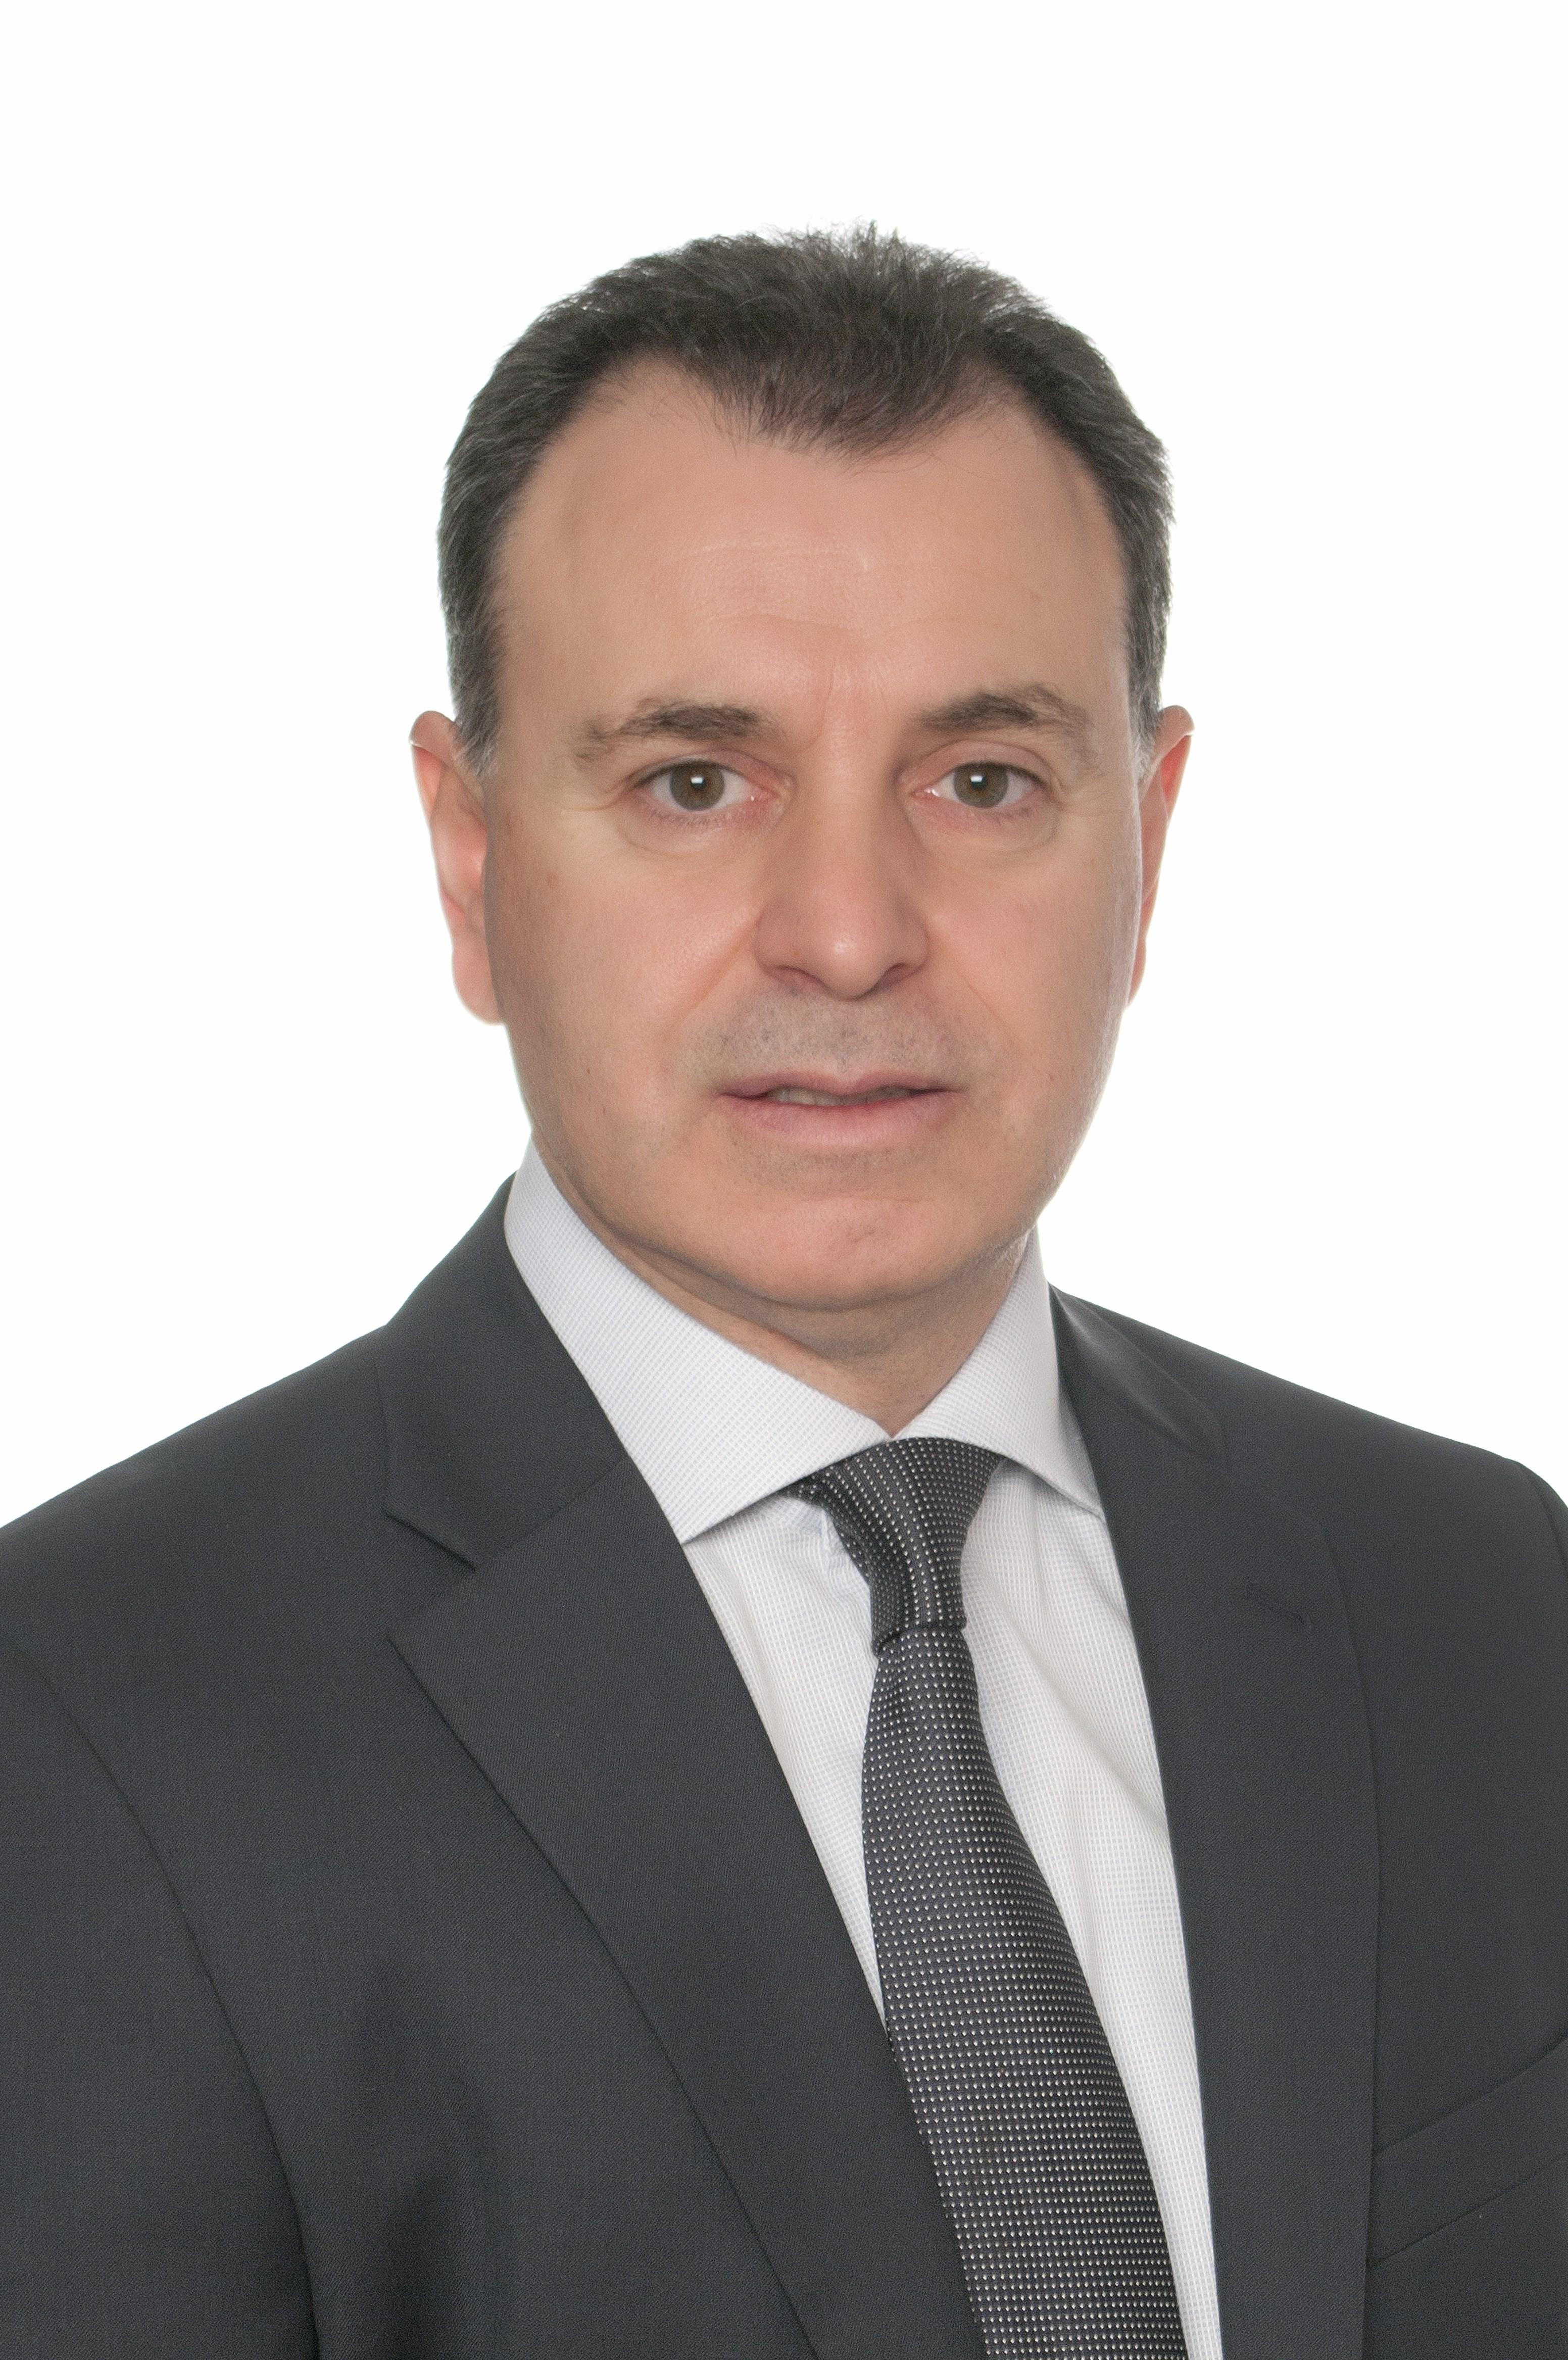 Αλλαγή στην Ηγεσία της Opel Hellas